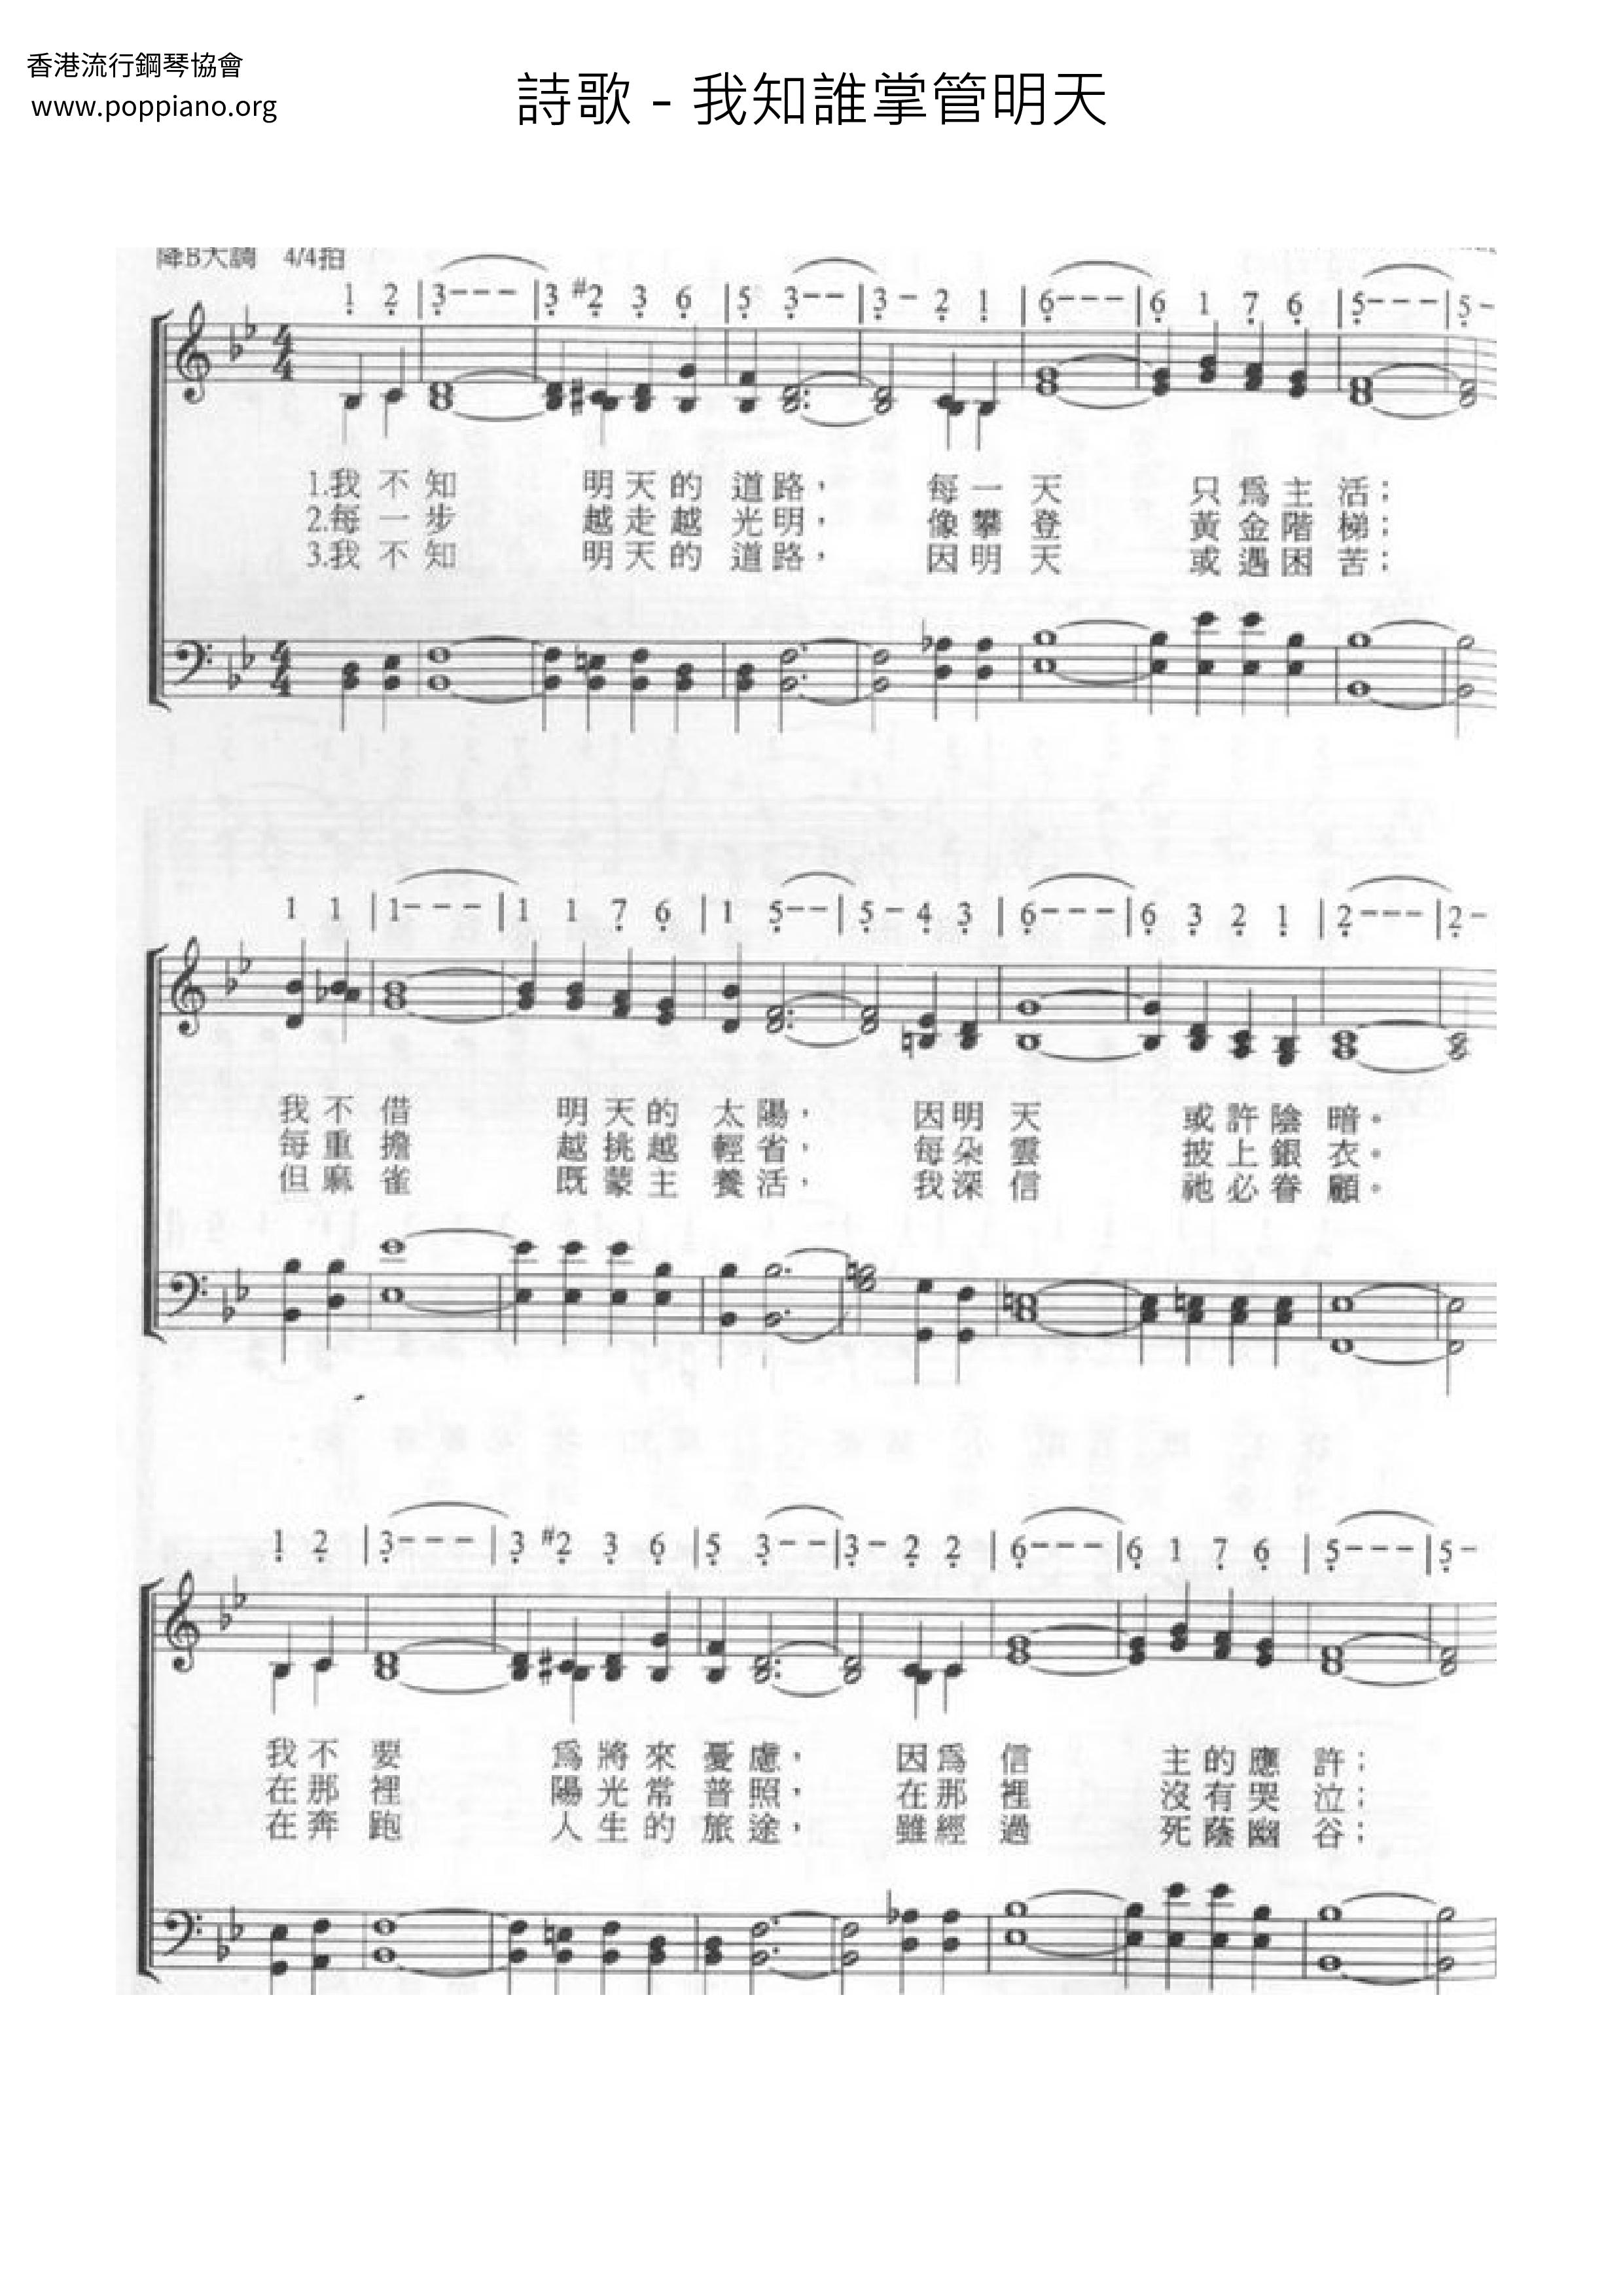 ★ 詩歌-我知誰掌管明天 琴譜/五線譜pdf-我知誰管著明天 악보 楽譜-香港流行鋼琴協會琴譜下載 ★